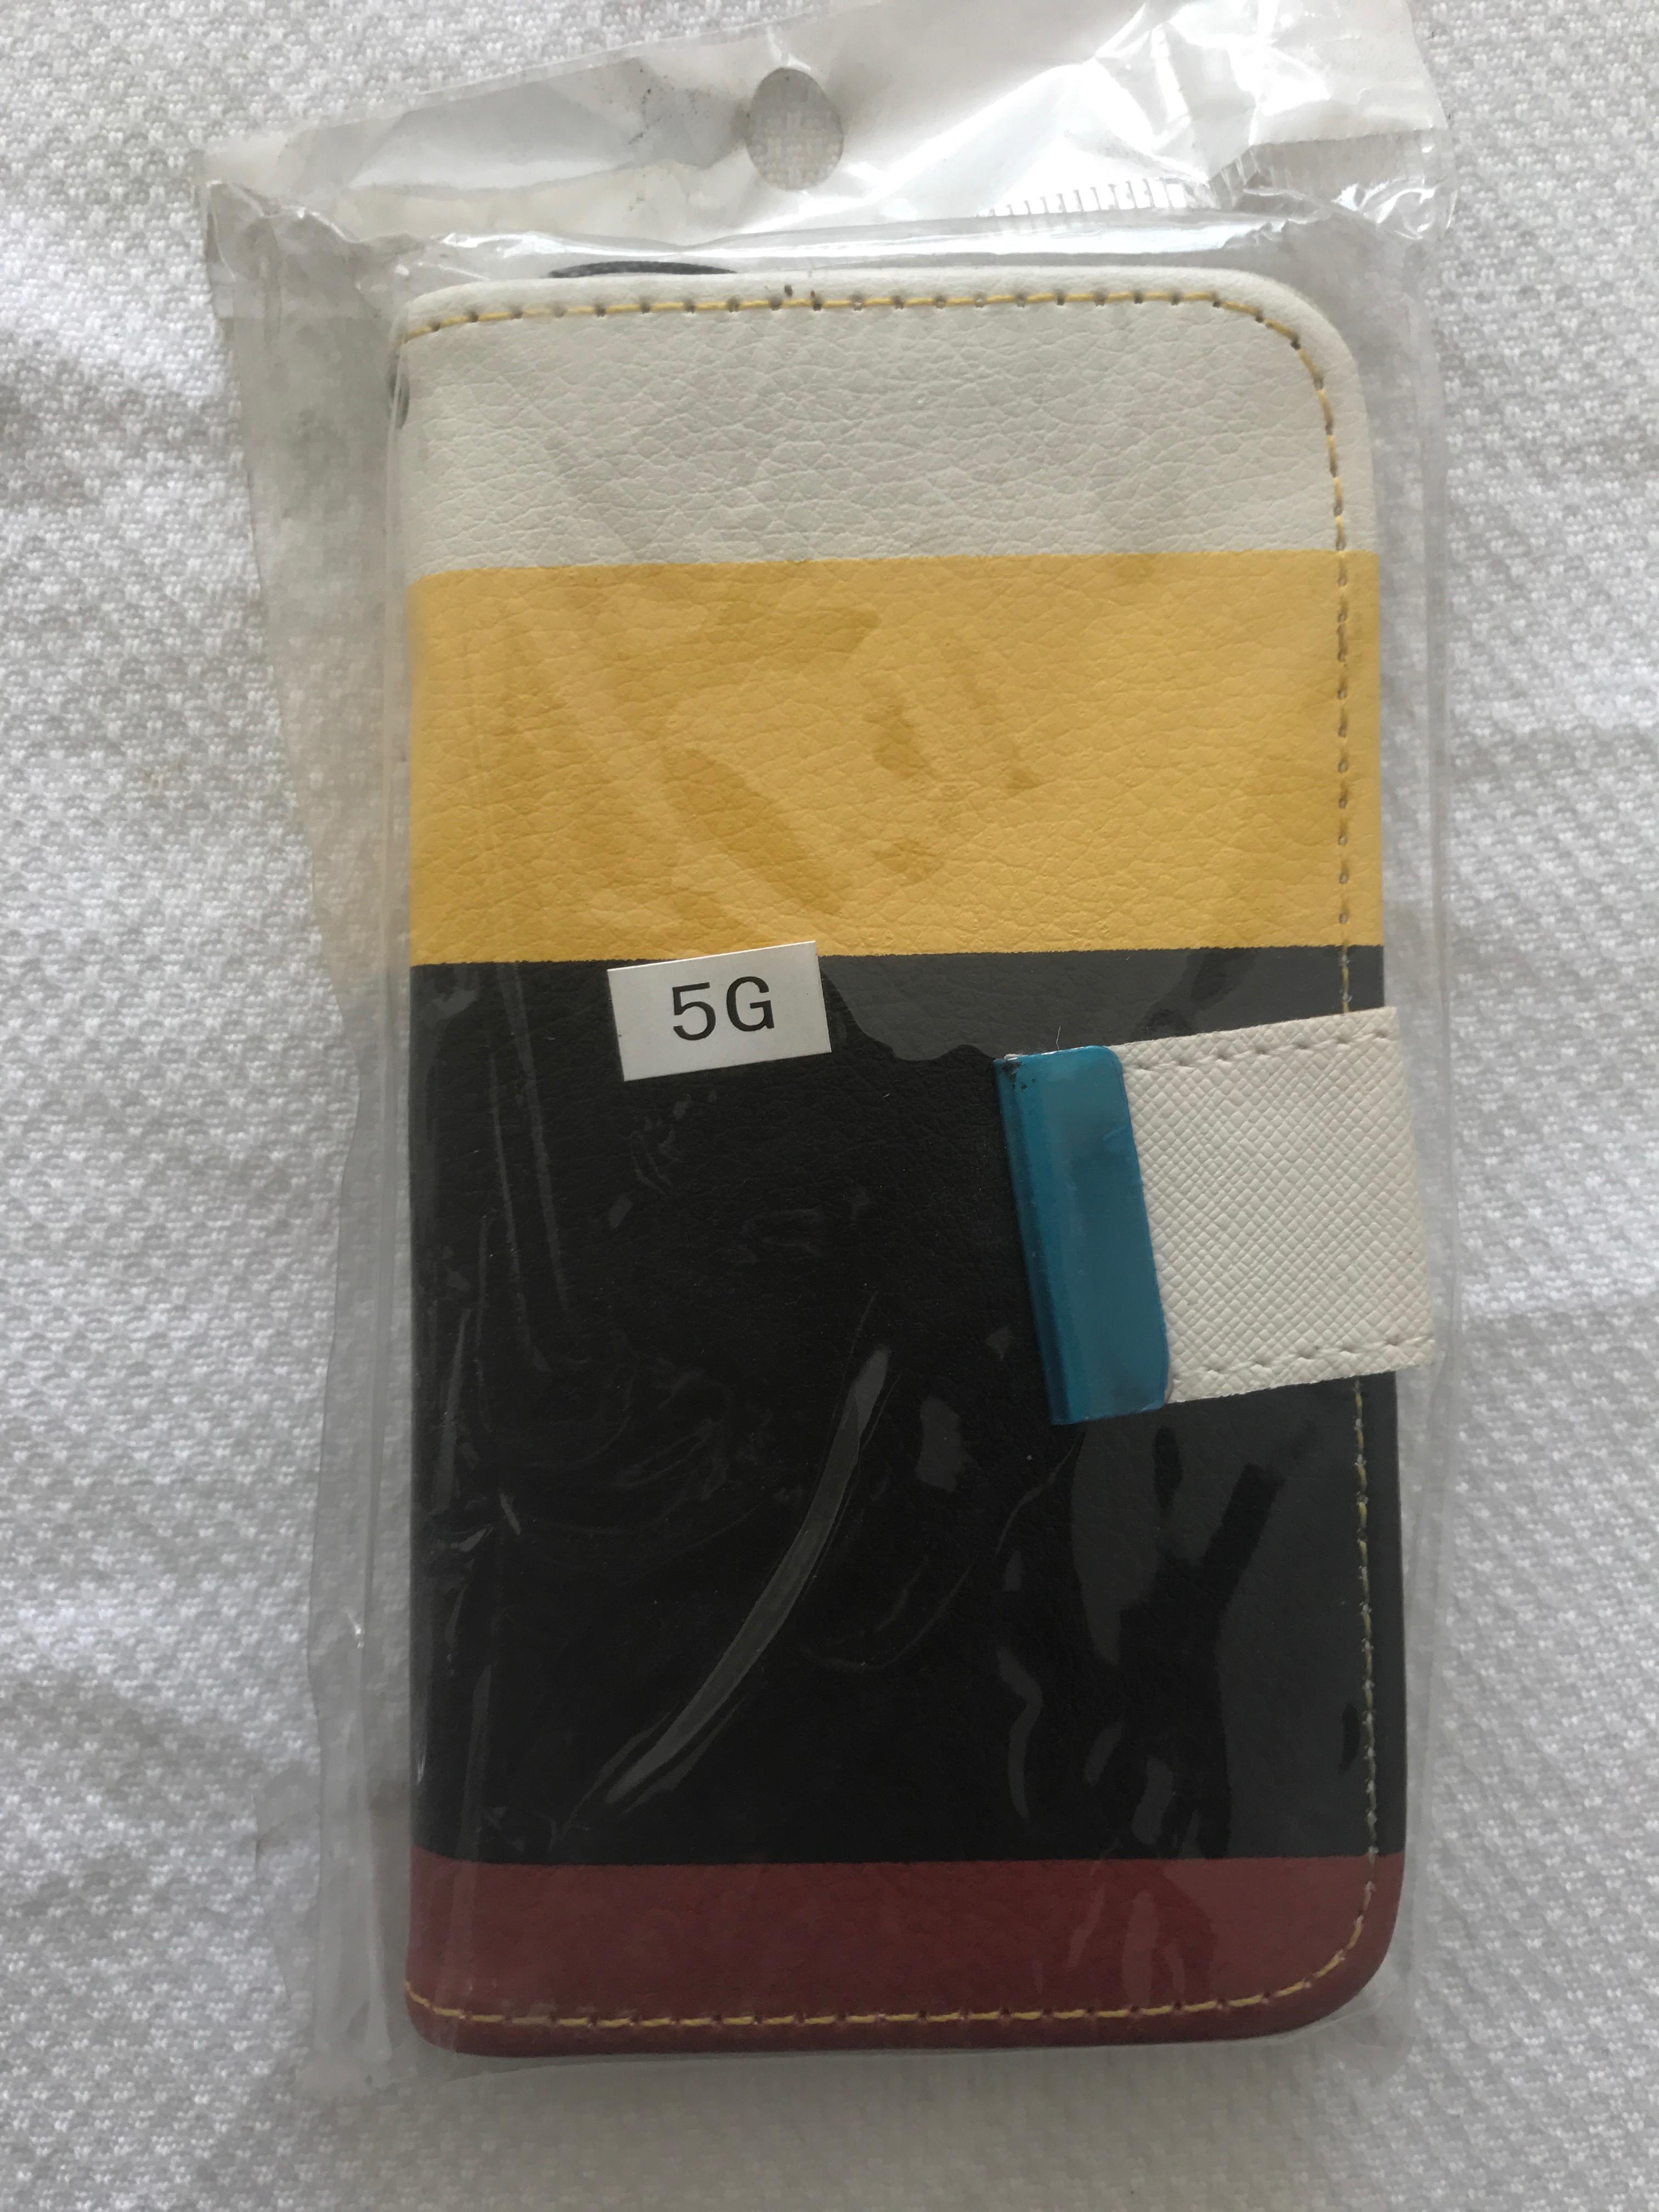 iPhone 5G Cases